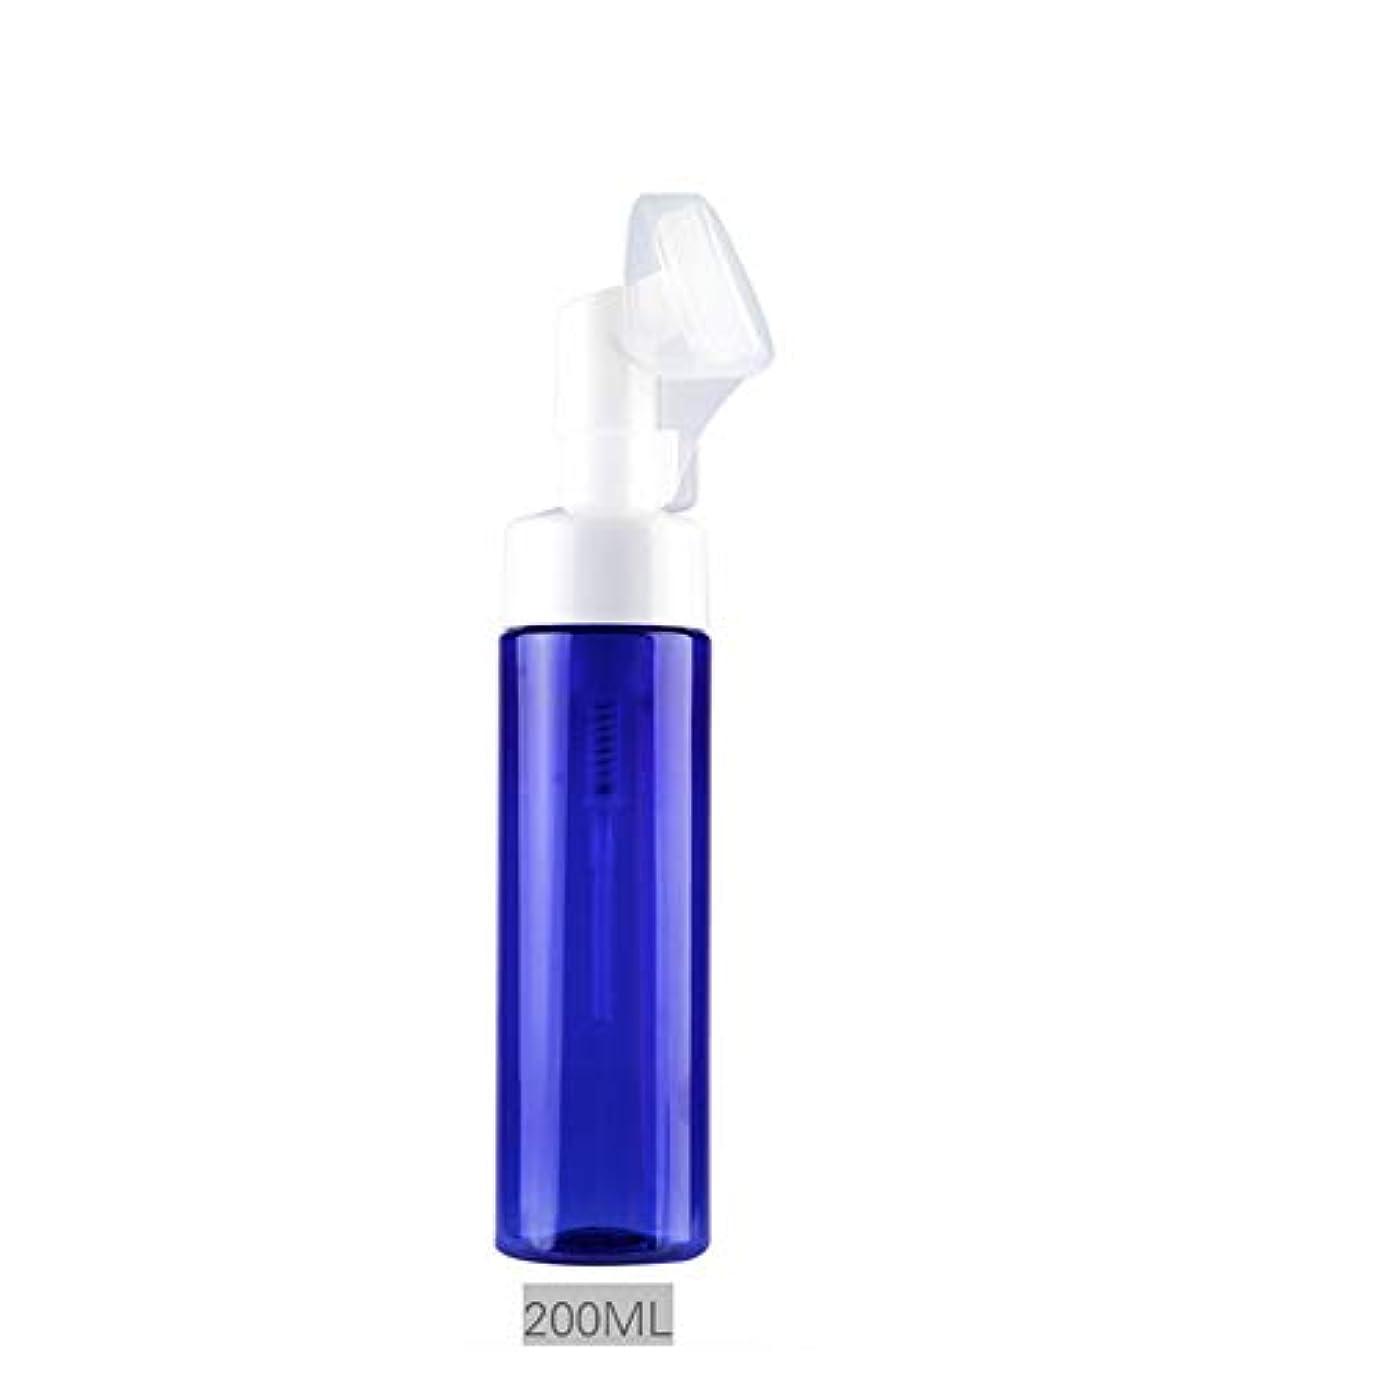 プロット遅い現在Xiton 泡ボトル 泡ポンプボトル 押すだけで泡が出る 安定感のある 詰め替え 詰替 泡ハンドソープ 全身石鹸 ボディソープ 洗顔フォーム ブラシ付き 200ML (ブルー)